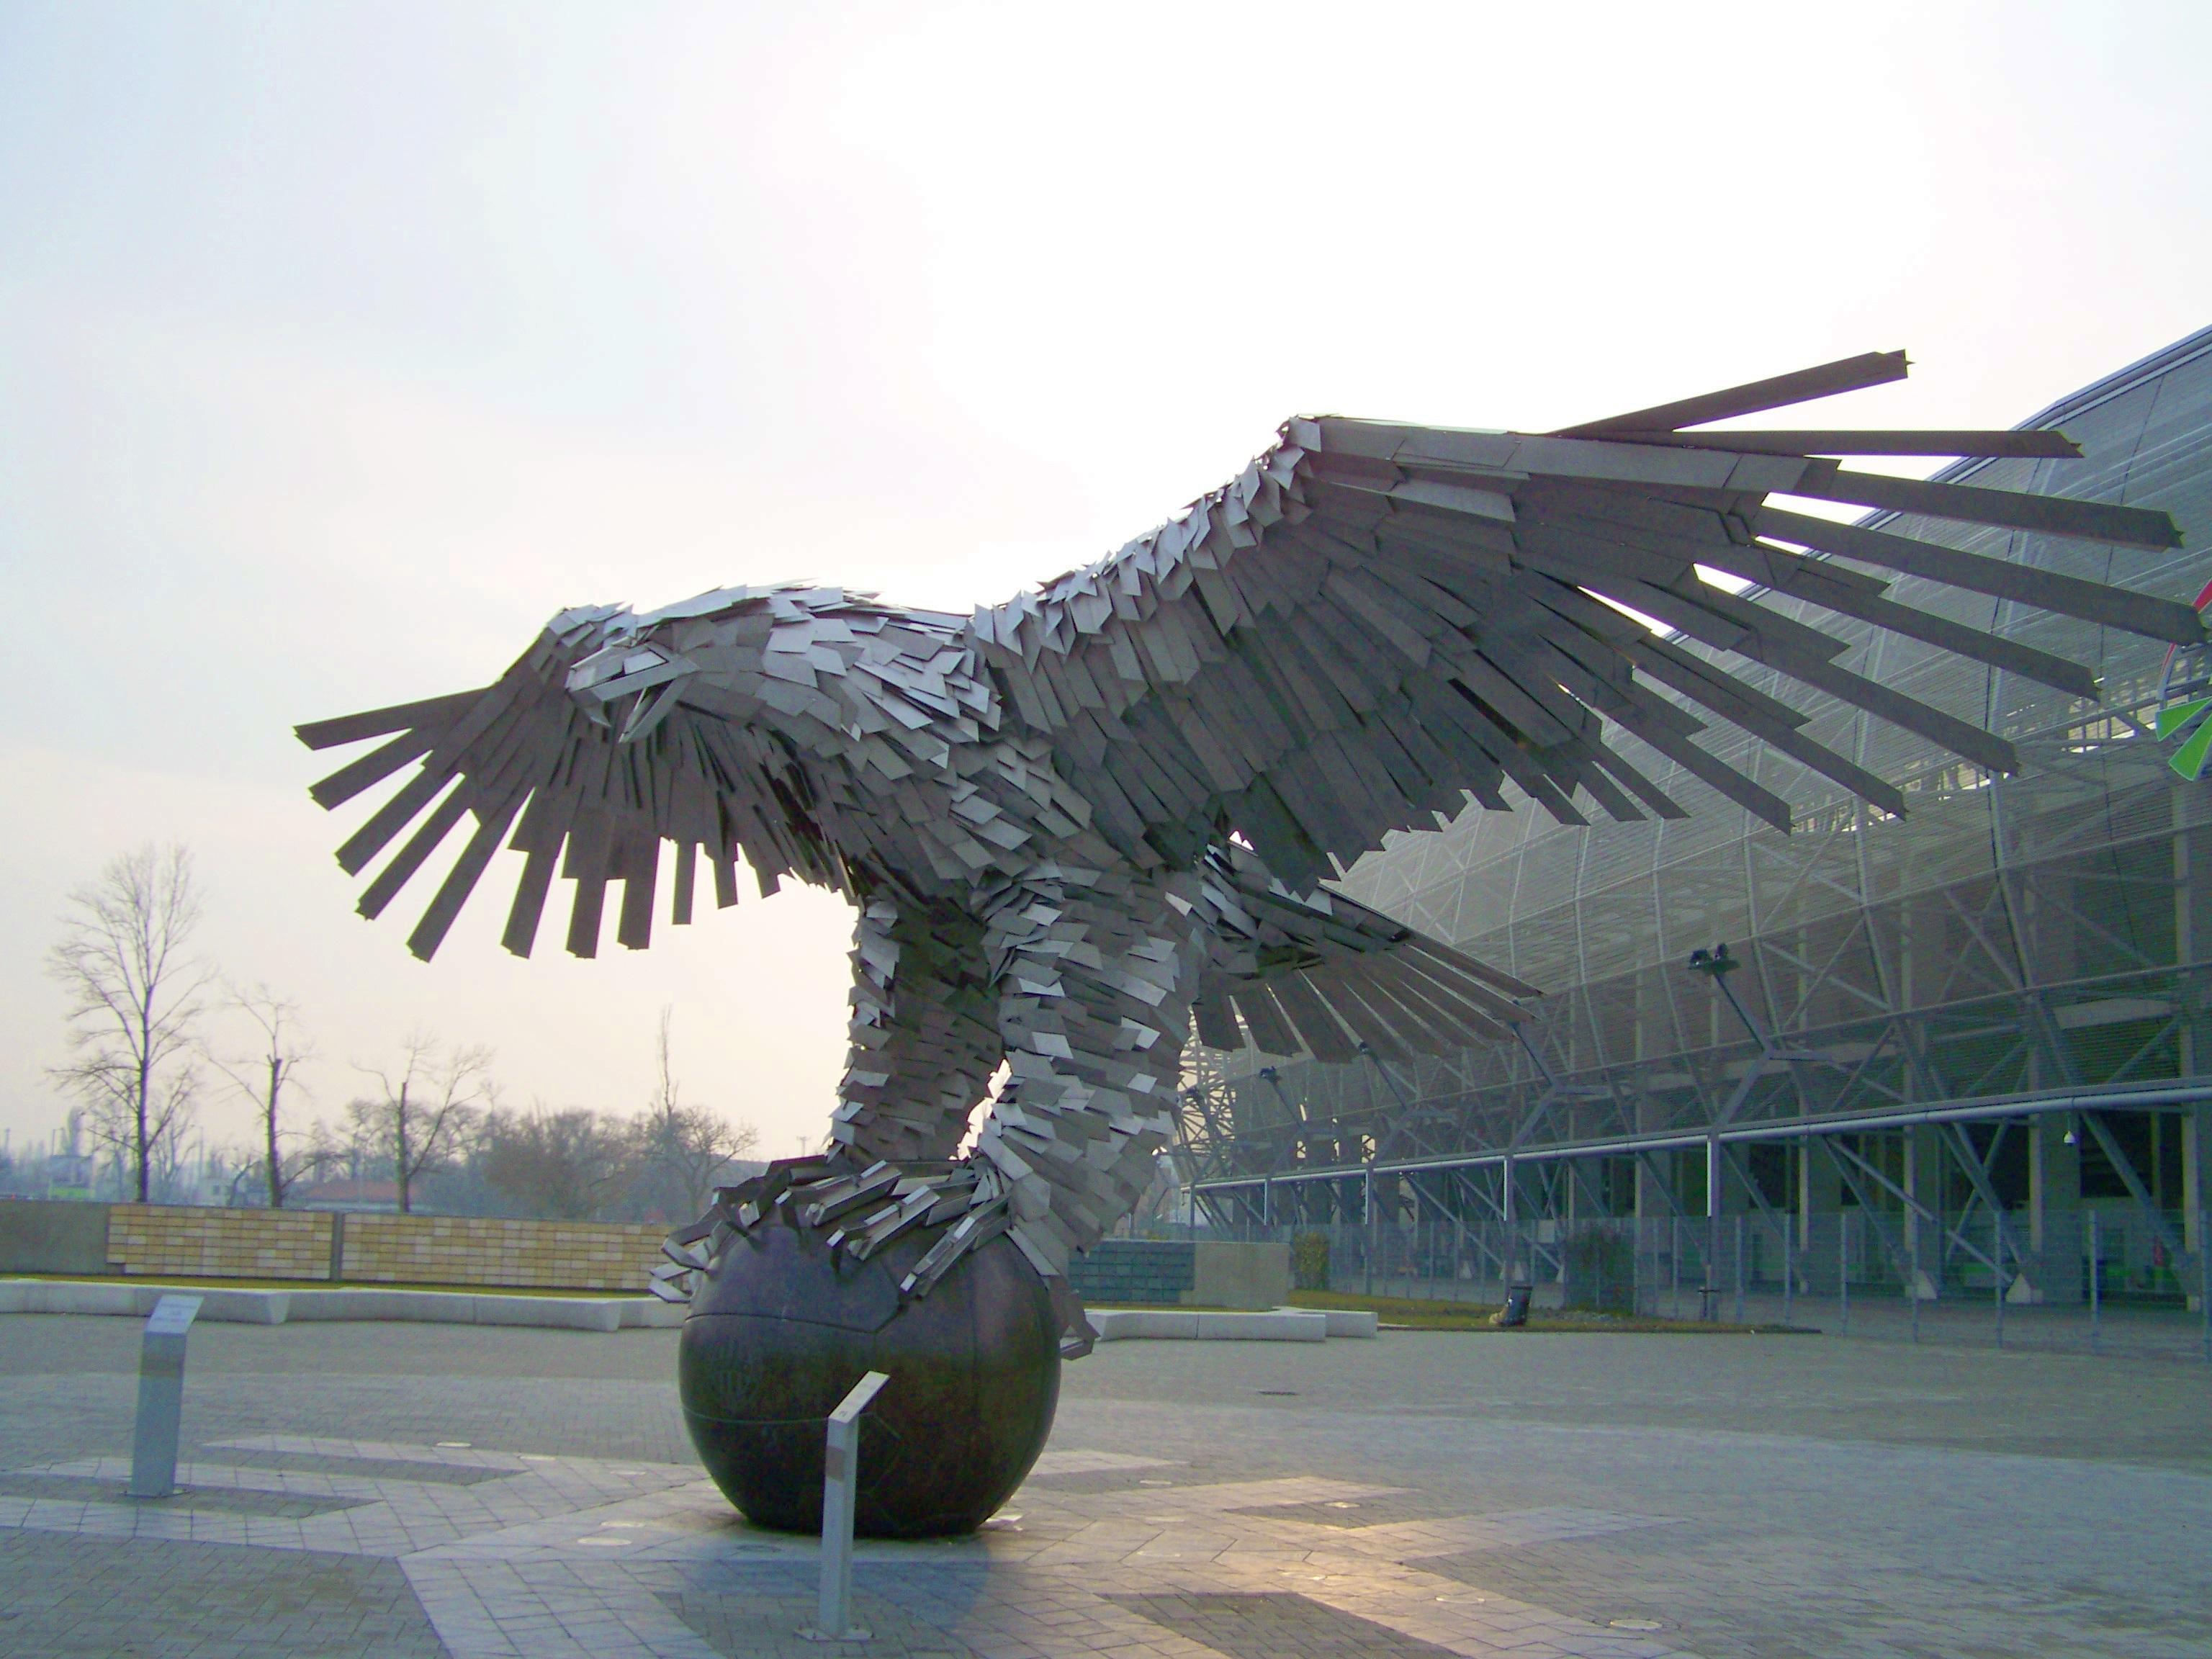 Fotos Gratis Ala Avi 243 N Escultura Budapest Dinosaurio